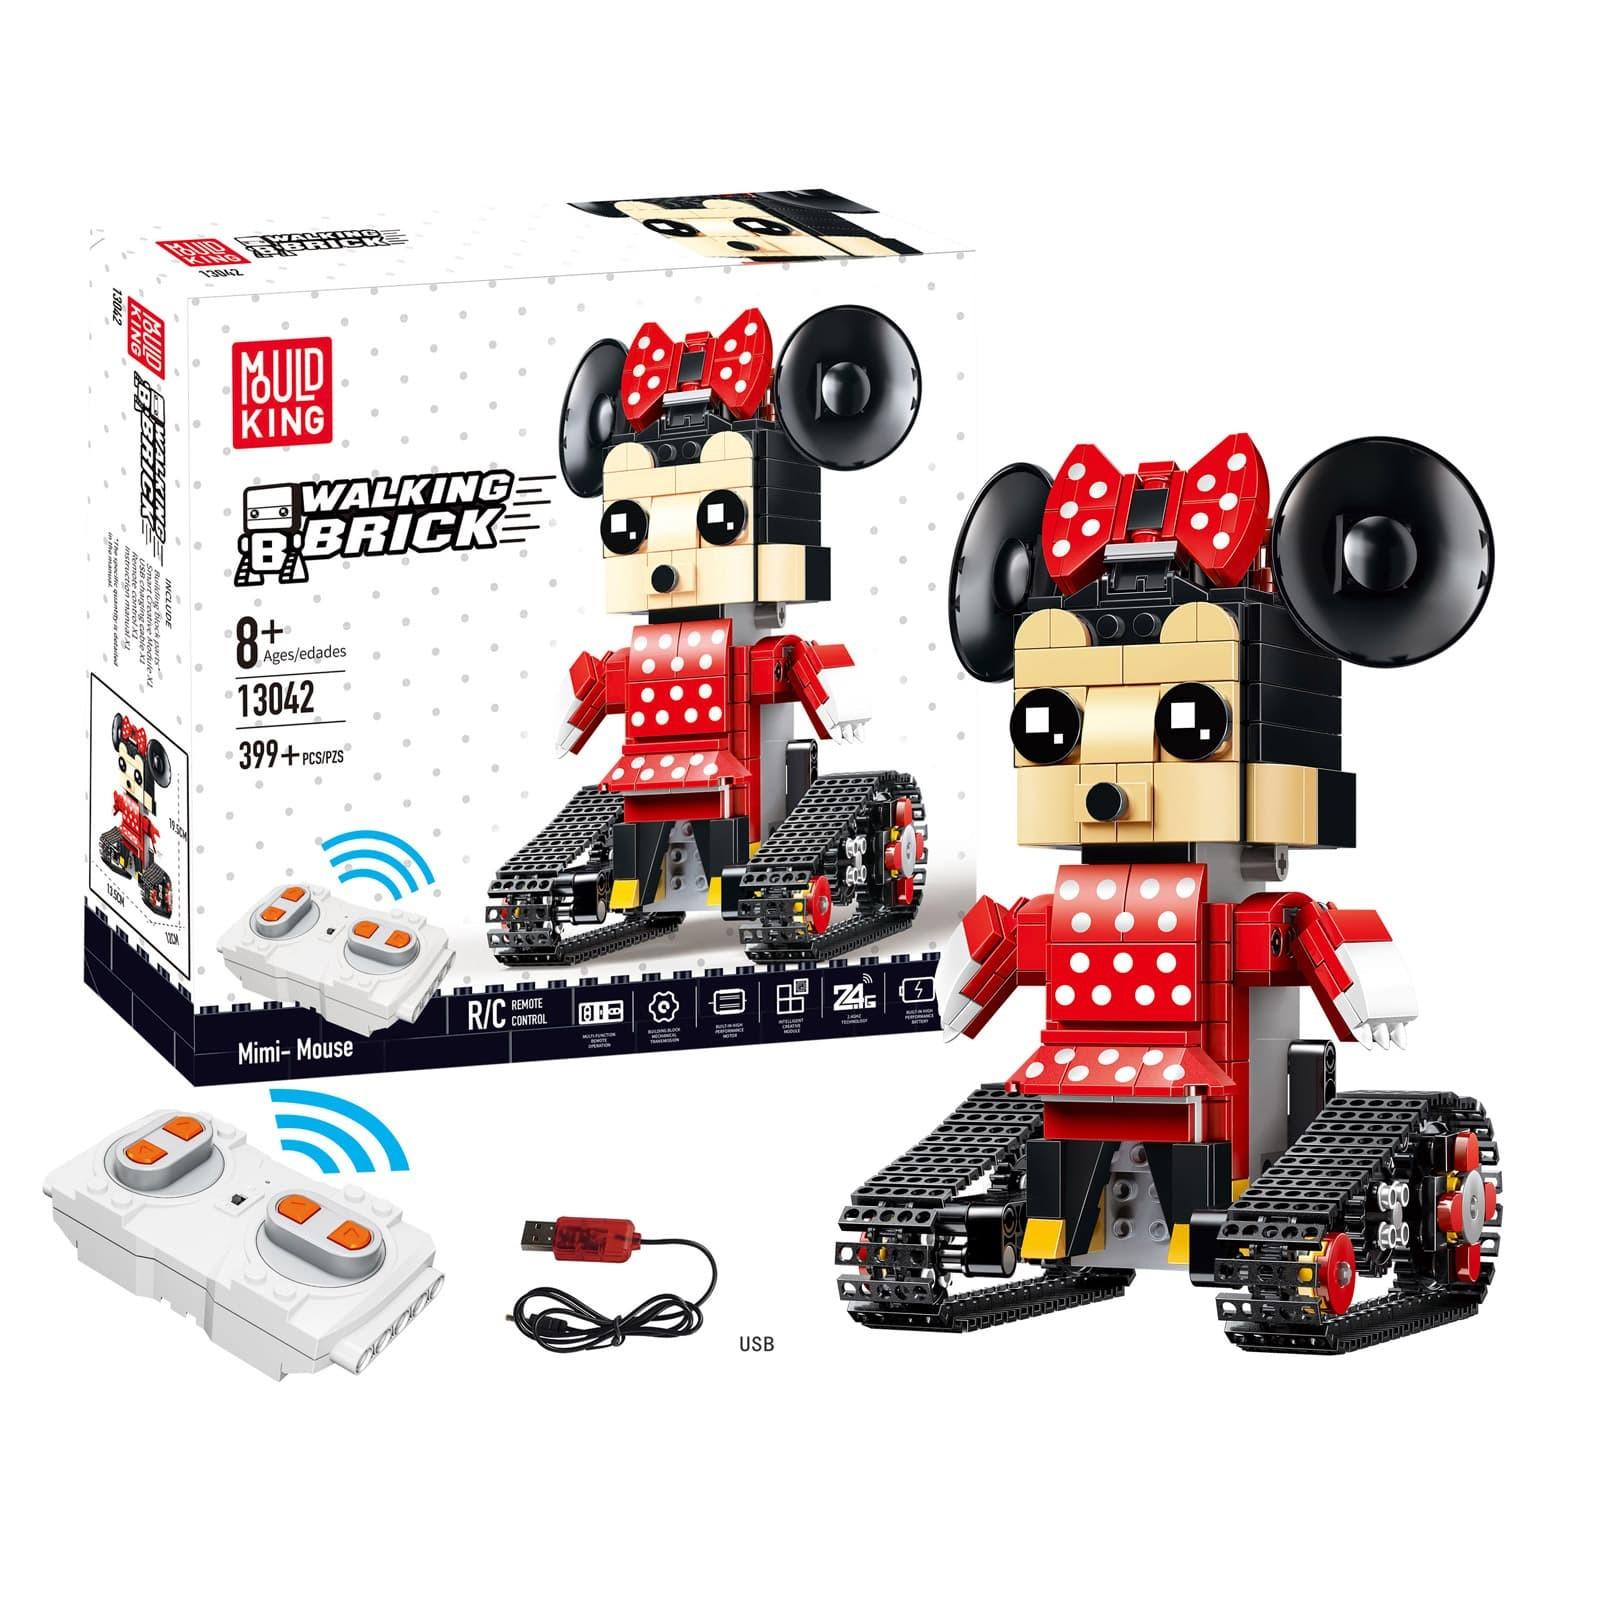 Конструктор Mould King «Mimi Mouse» на радиоуправлении 13042 (BrickHeadz 41625), 399 деталей